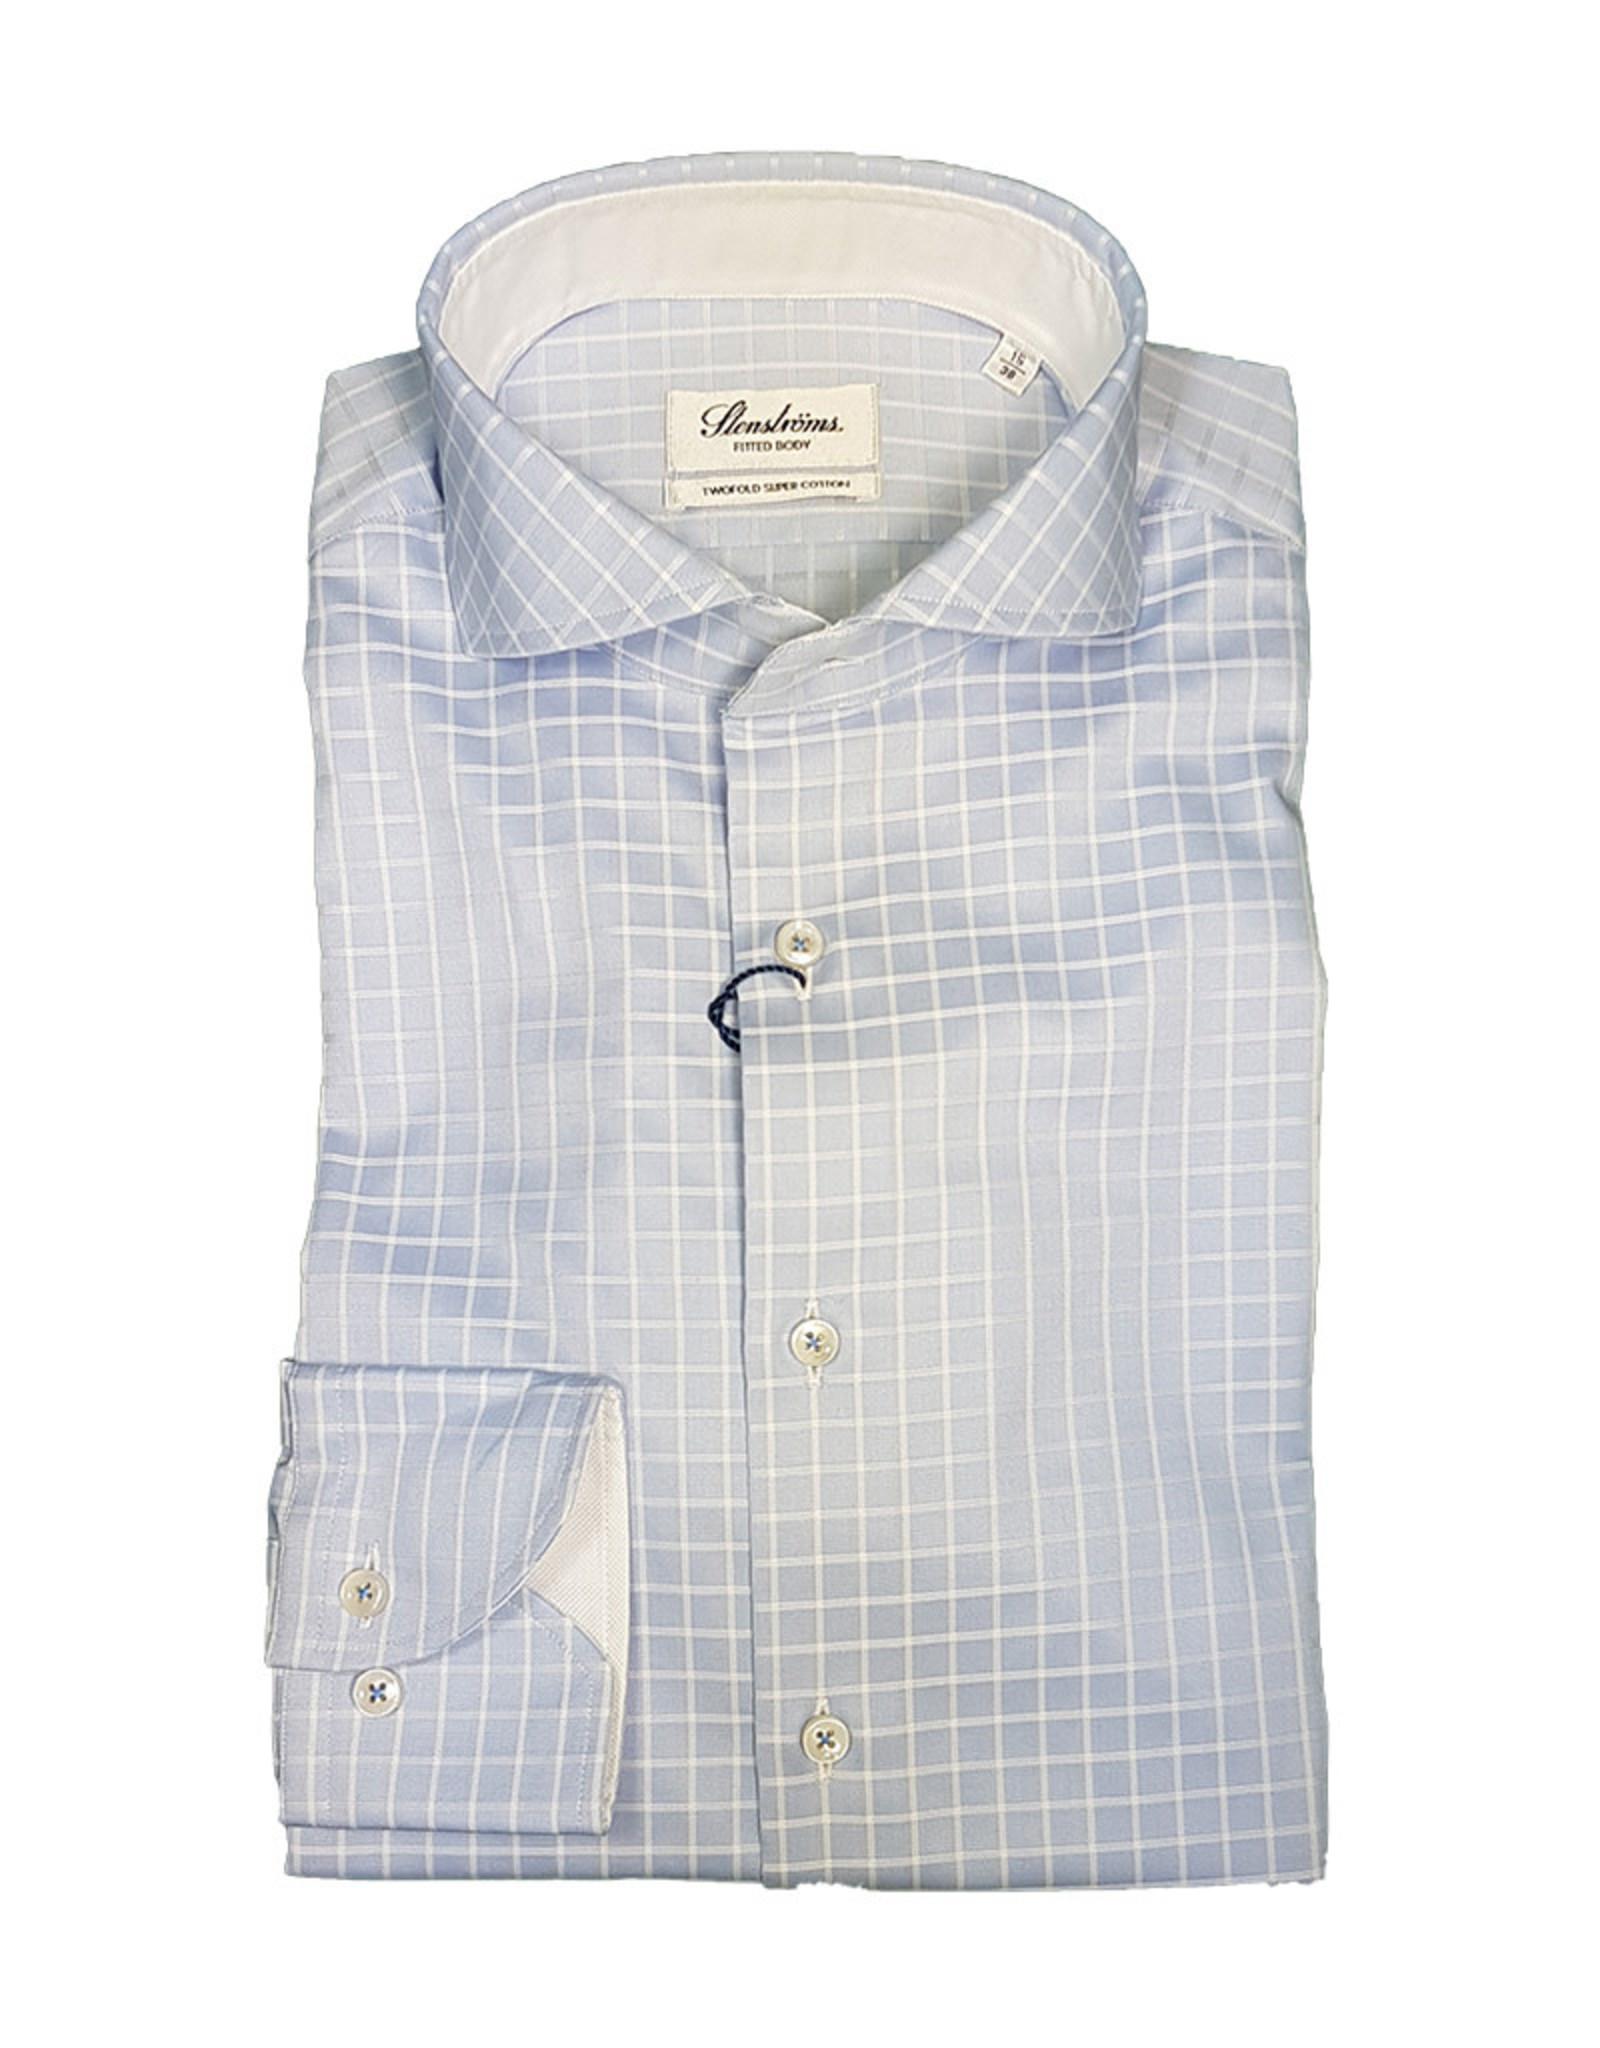 Stenströms Stenströms hemd lichtblauw geruit Fitted body 684311-5286/103